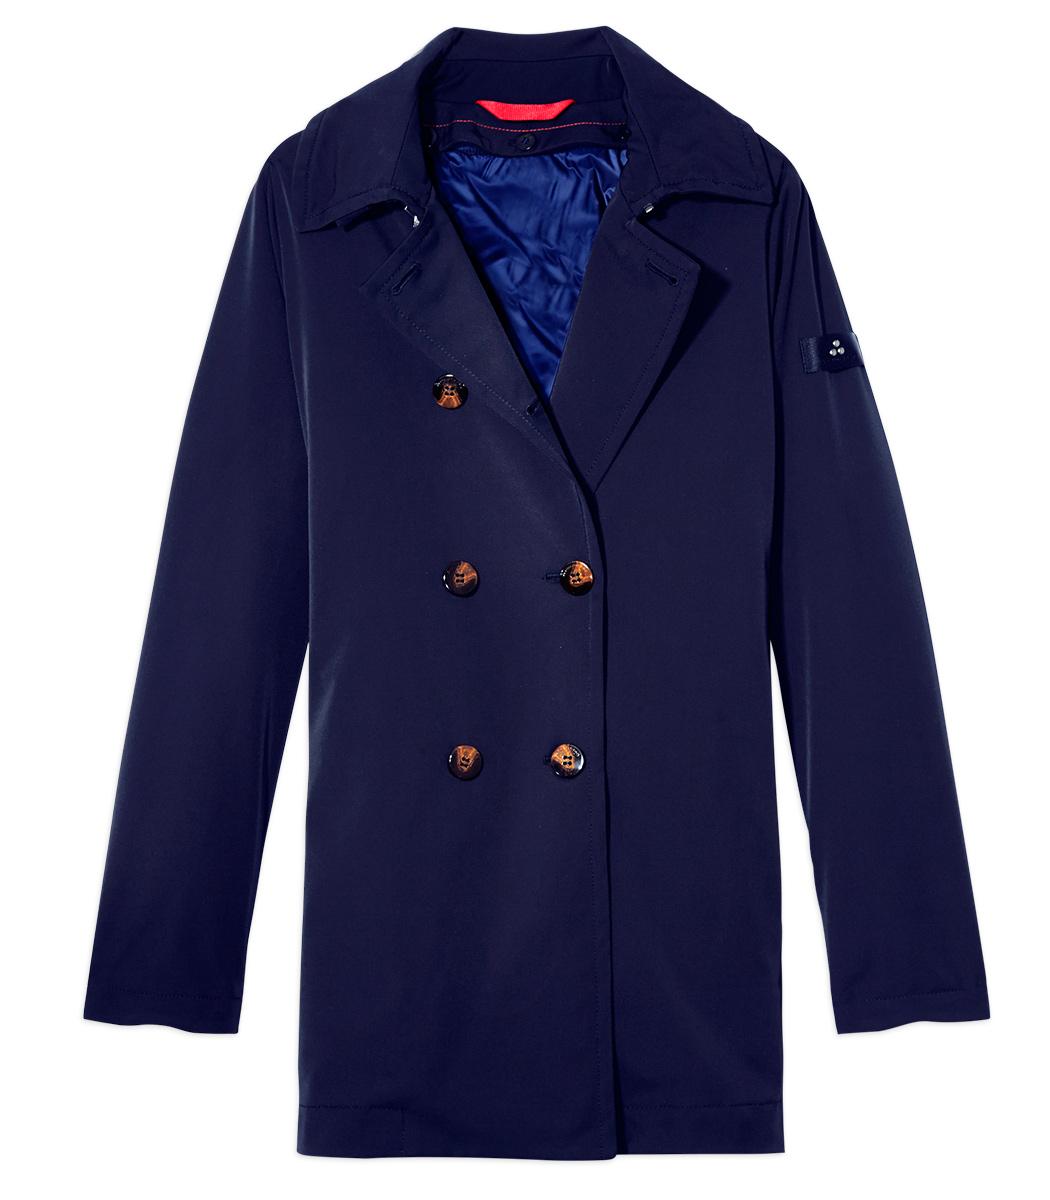 black 'ibaneta' blazer